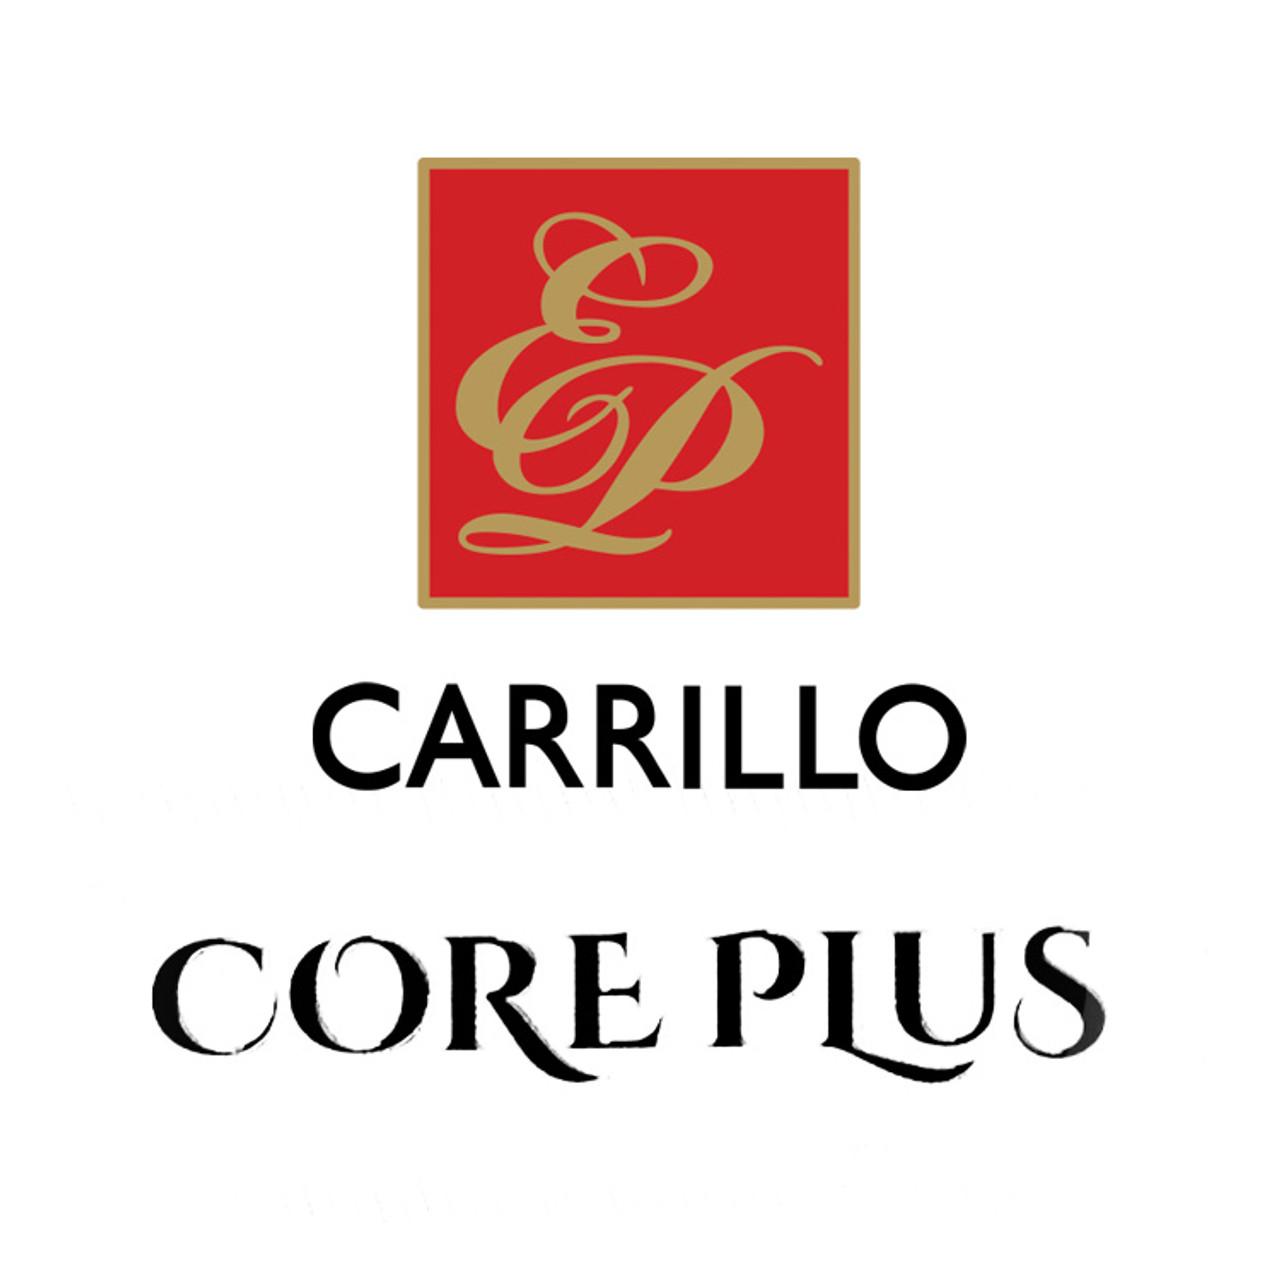 E.P. Carrillo Core Plus Club 52 Cigars - 6 x 52 (Box of 20)